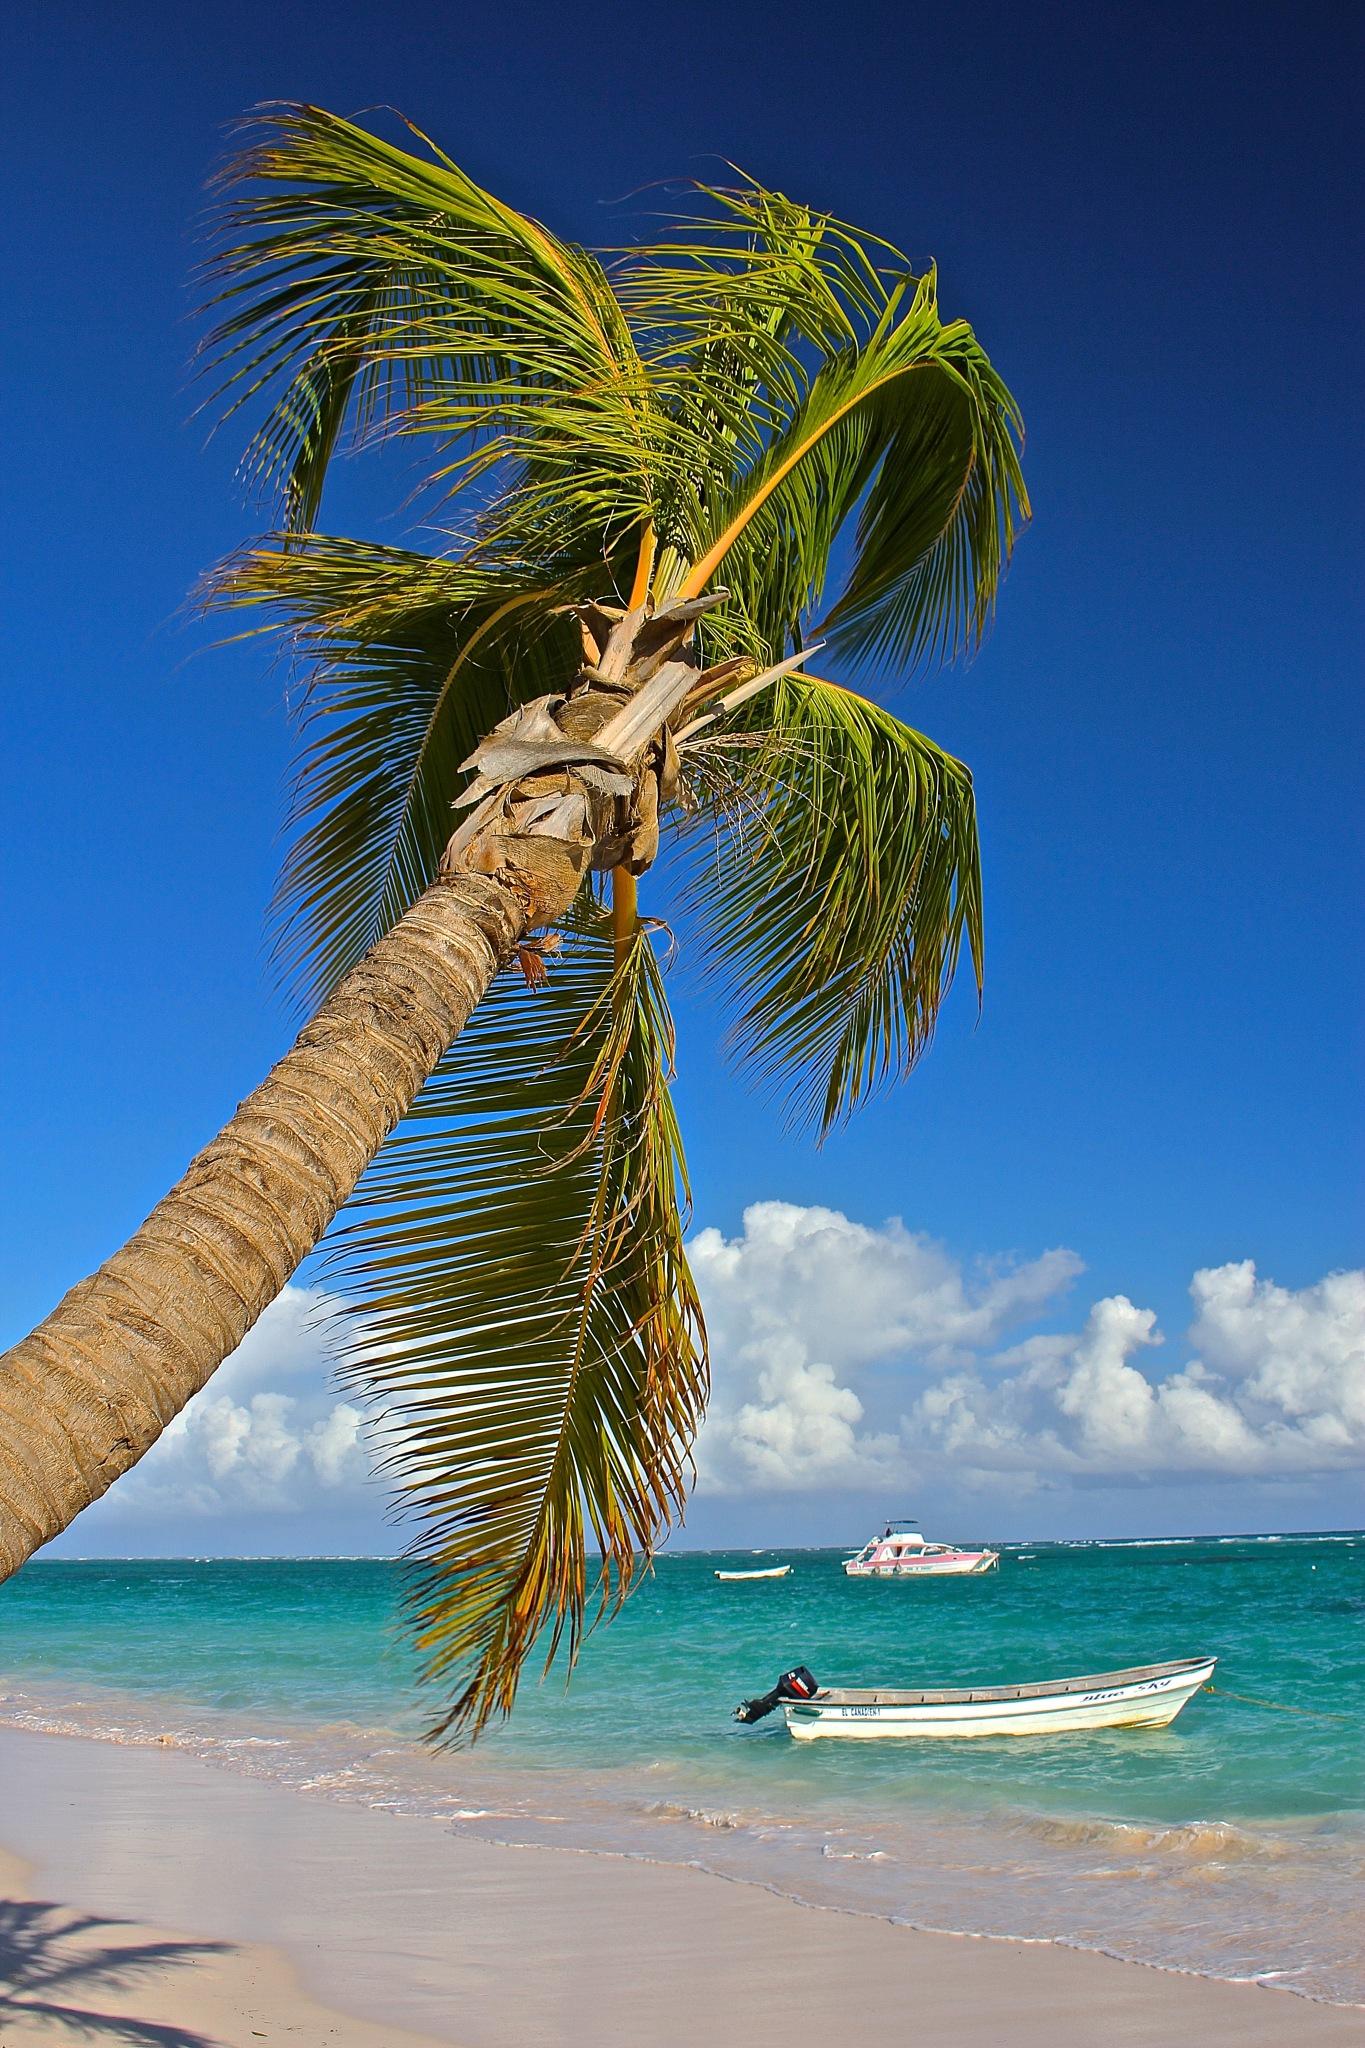 Le palmier & Le  bateau by lolo35